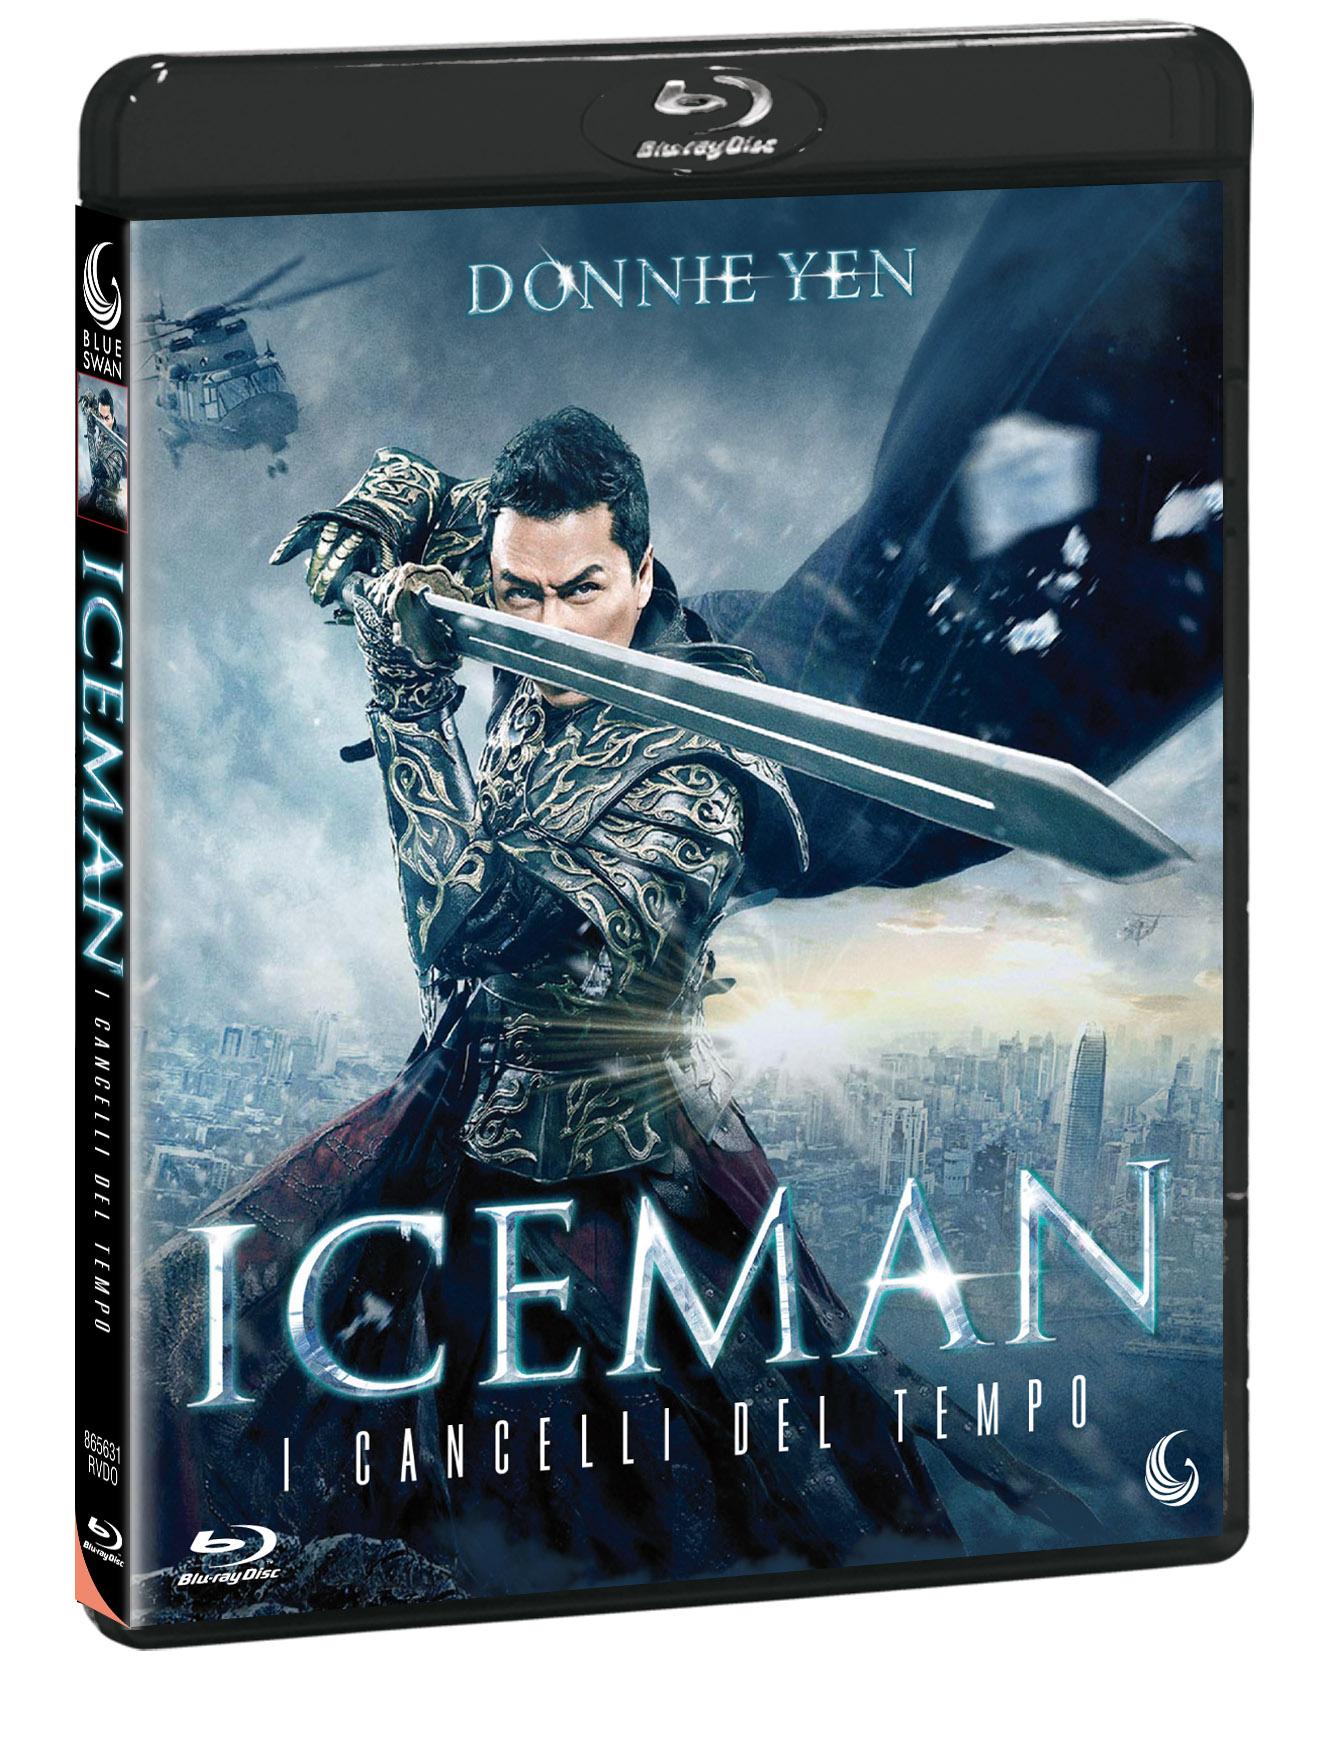 ICEMAN - I CANCELLI DEL TEMPO - BLU RAY